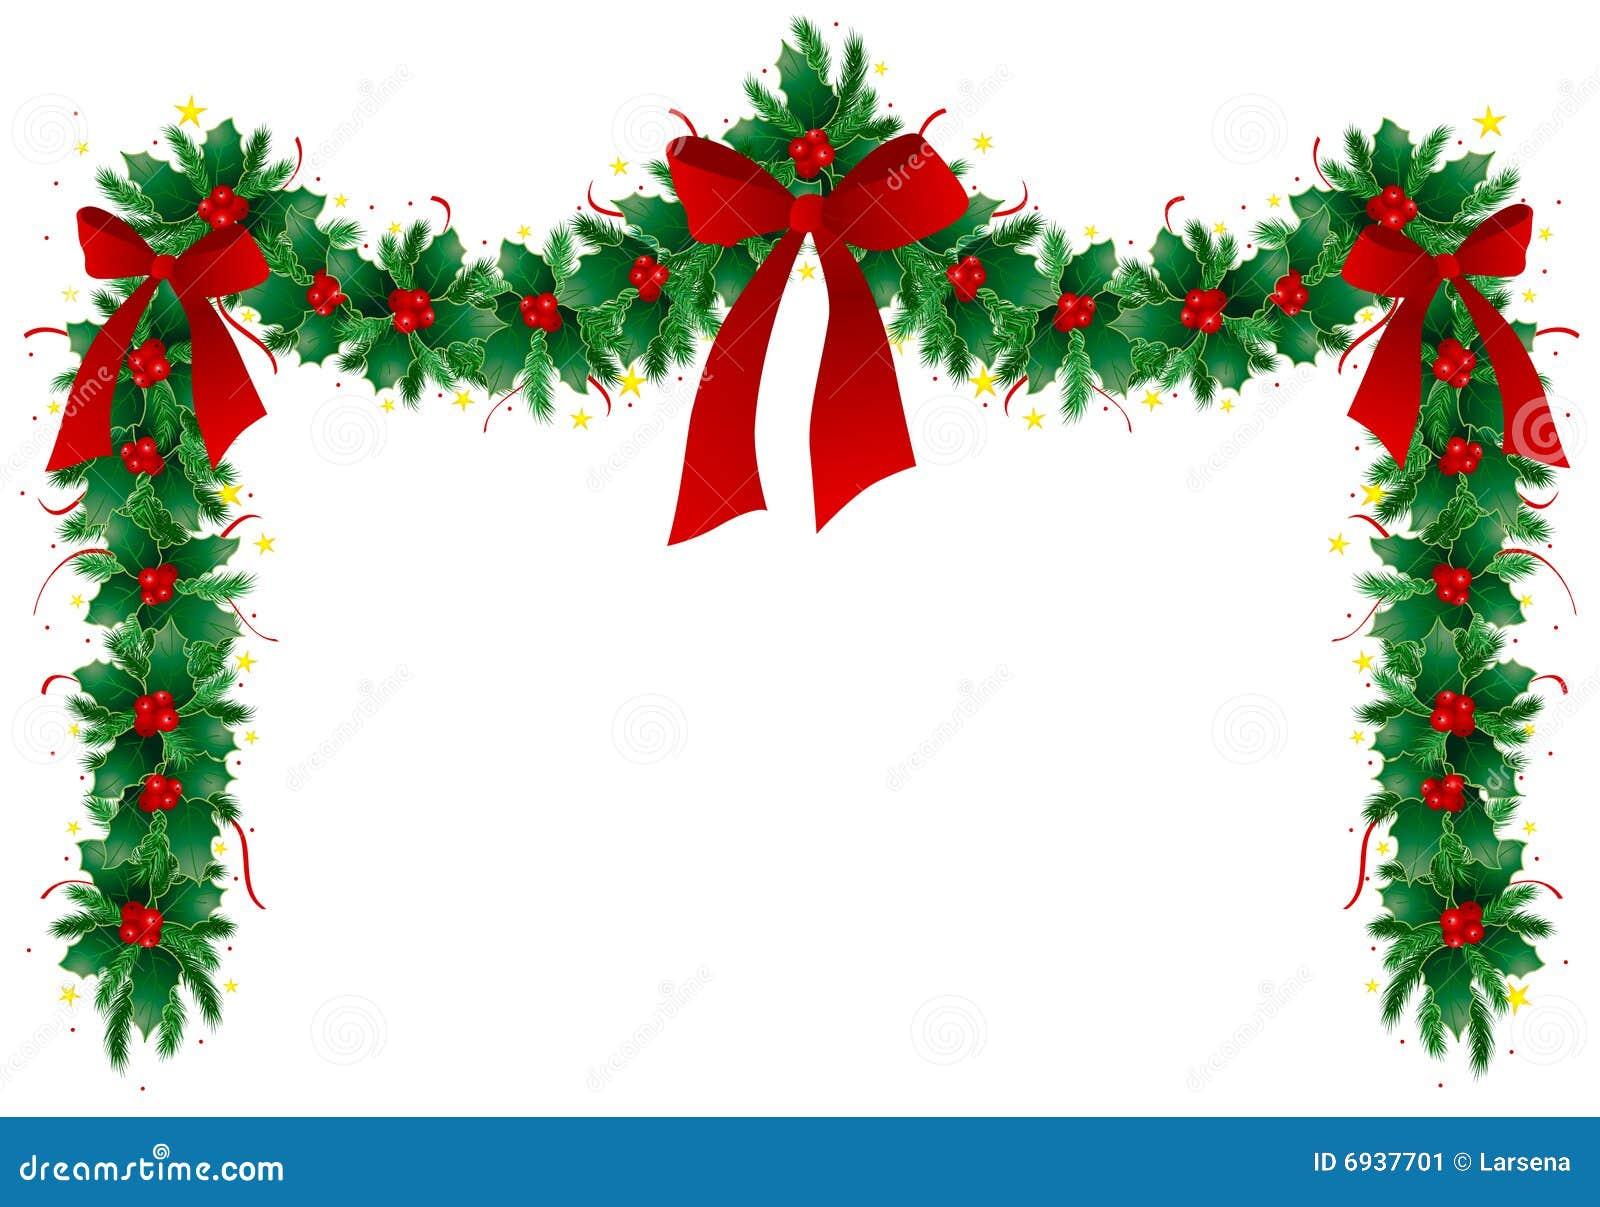 guirnalda de la navidad imagen de archivo - Guirnaldas De Navidad